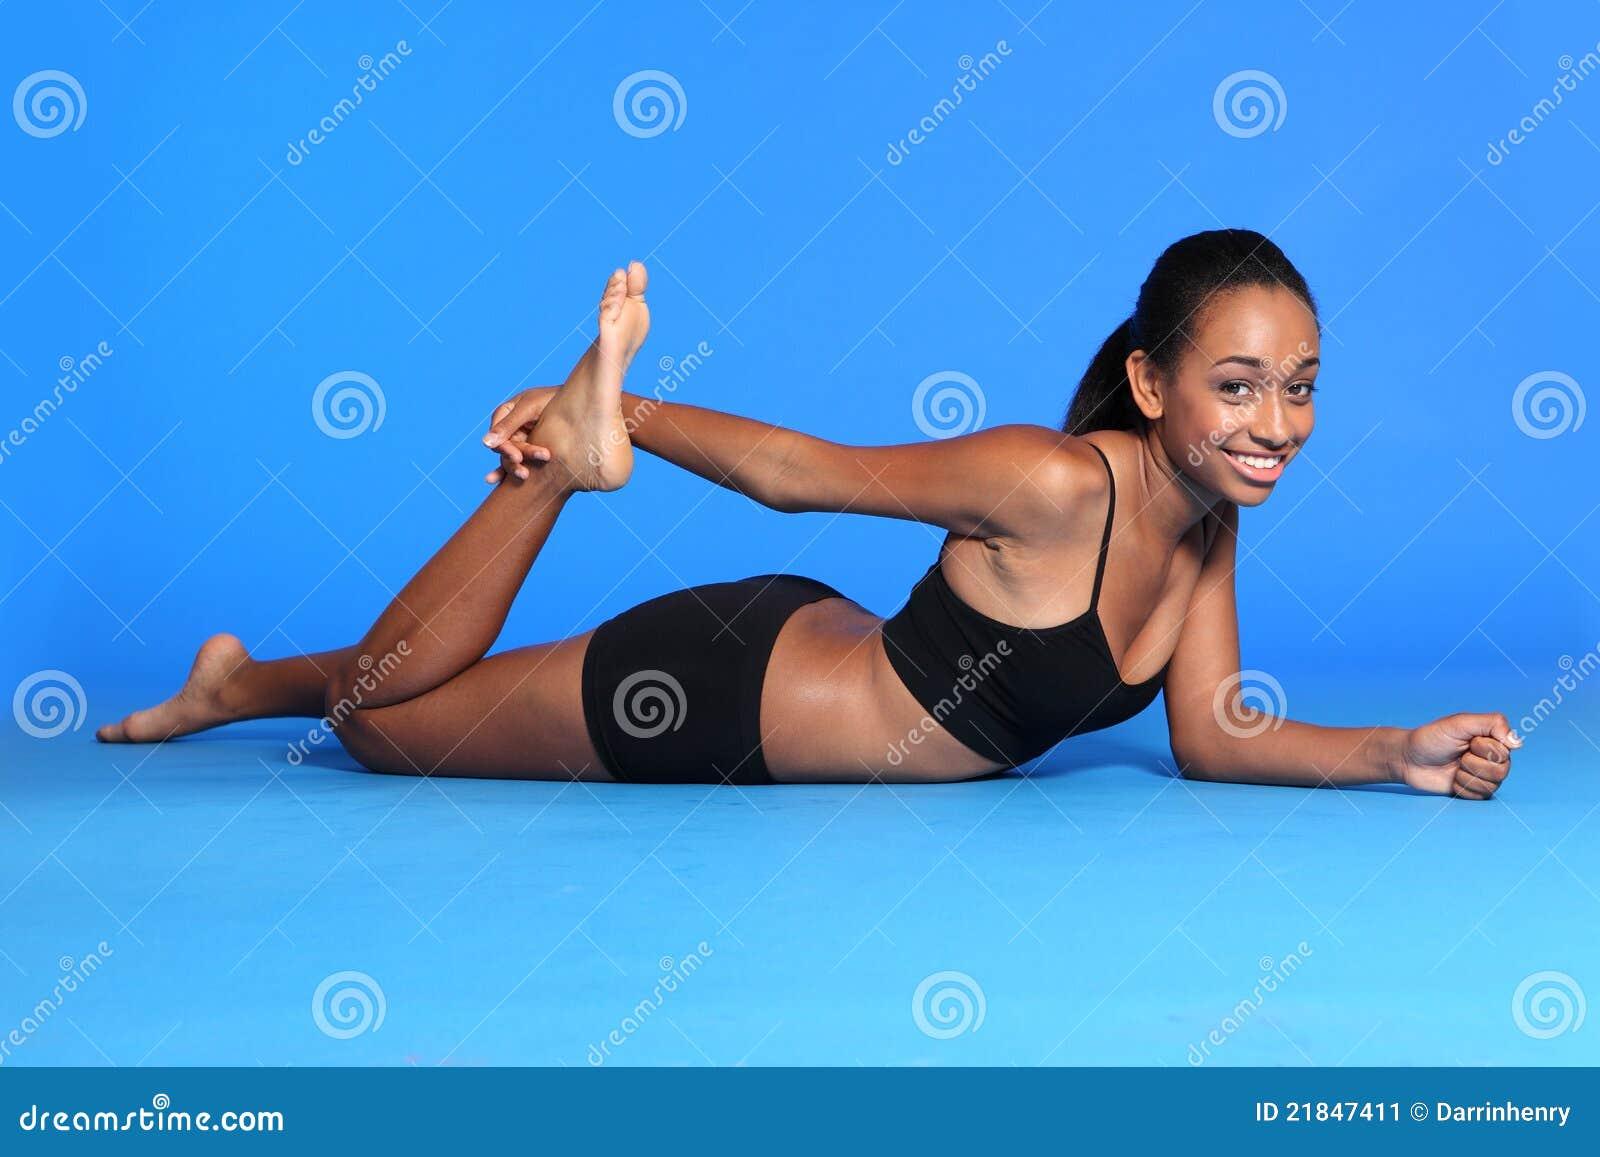 Cuisses et exercices bout à bout